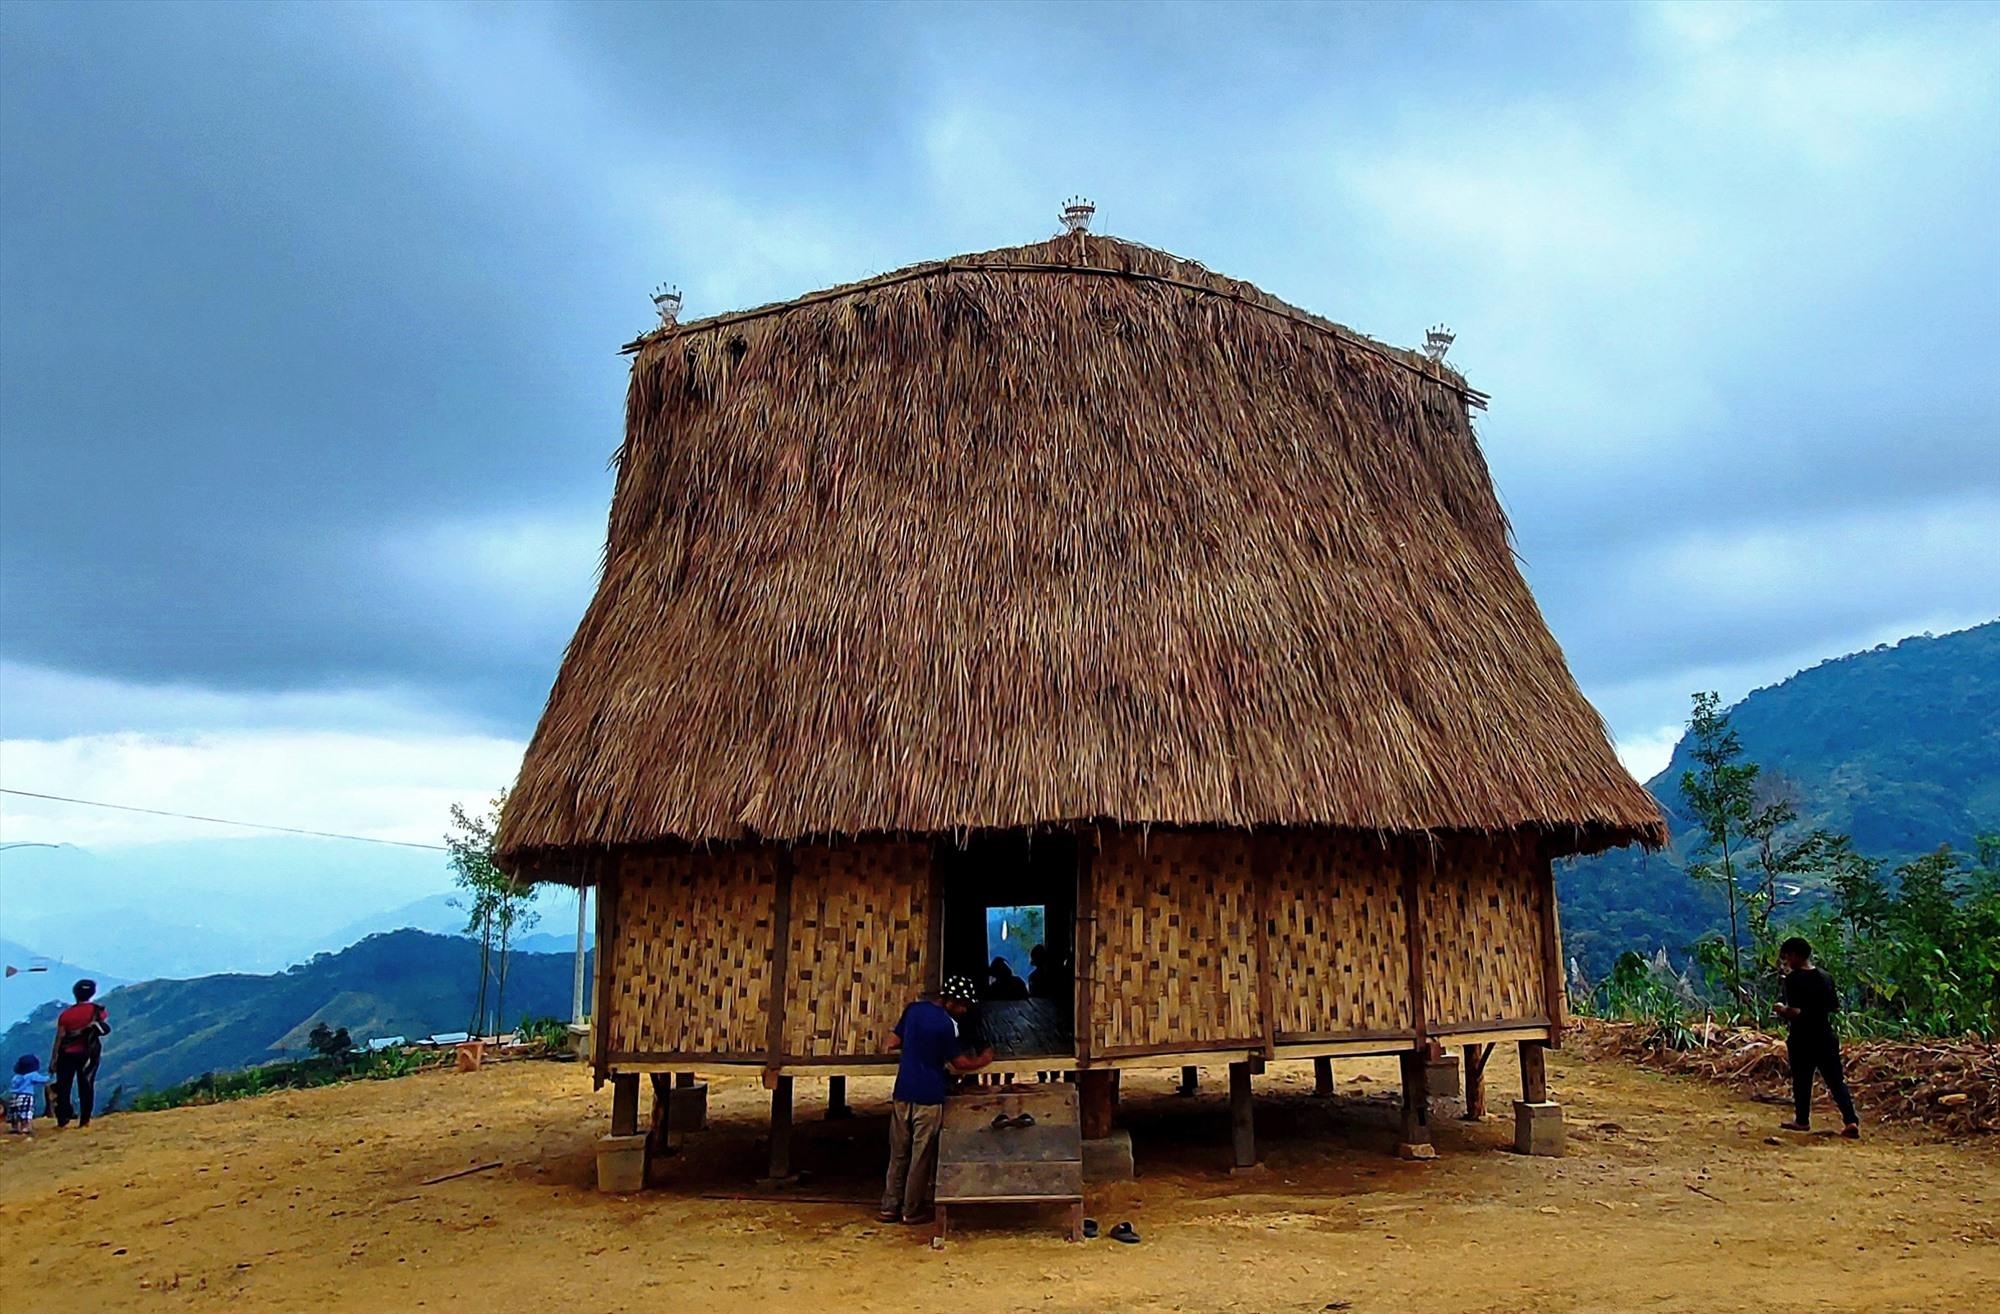 Nhà làng truyền thống của đồng bào Xê Đăng được phục dựng tại Lâng Loan. Ảnh: Đ.N